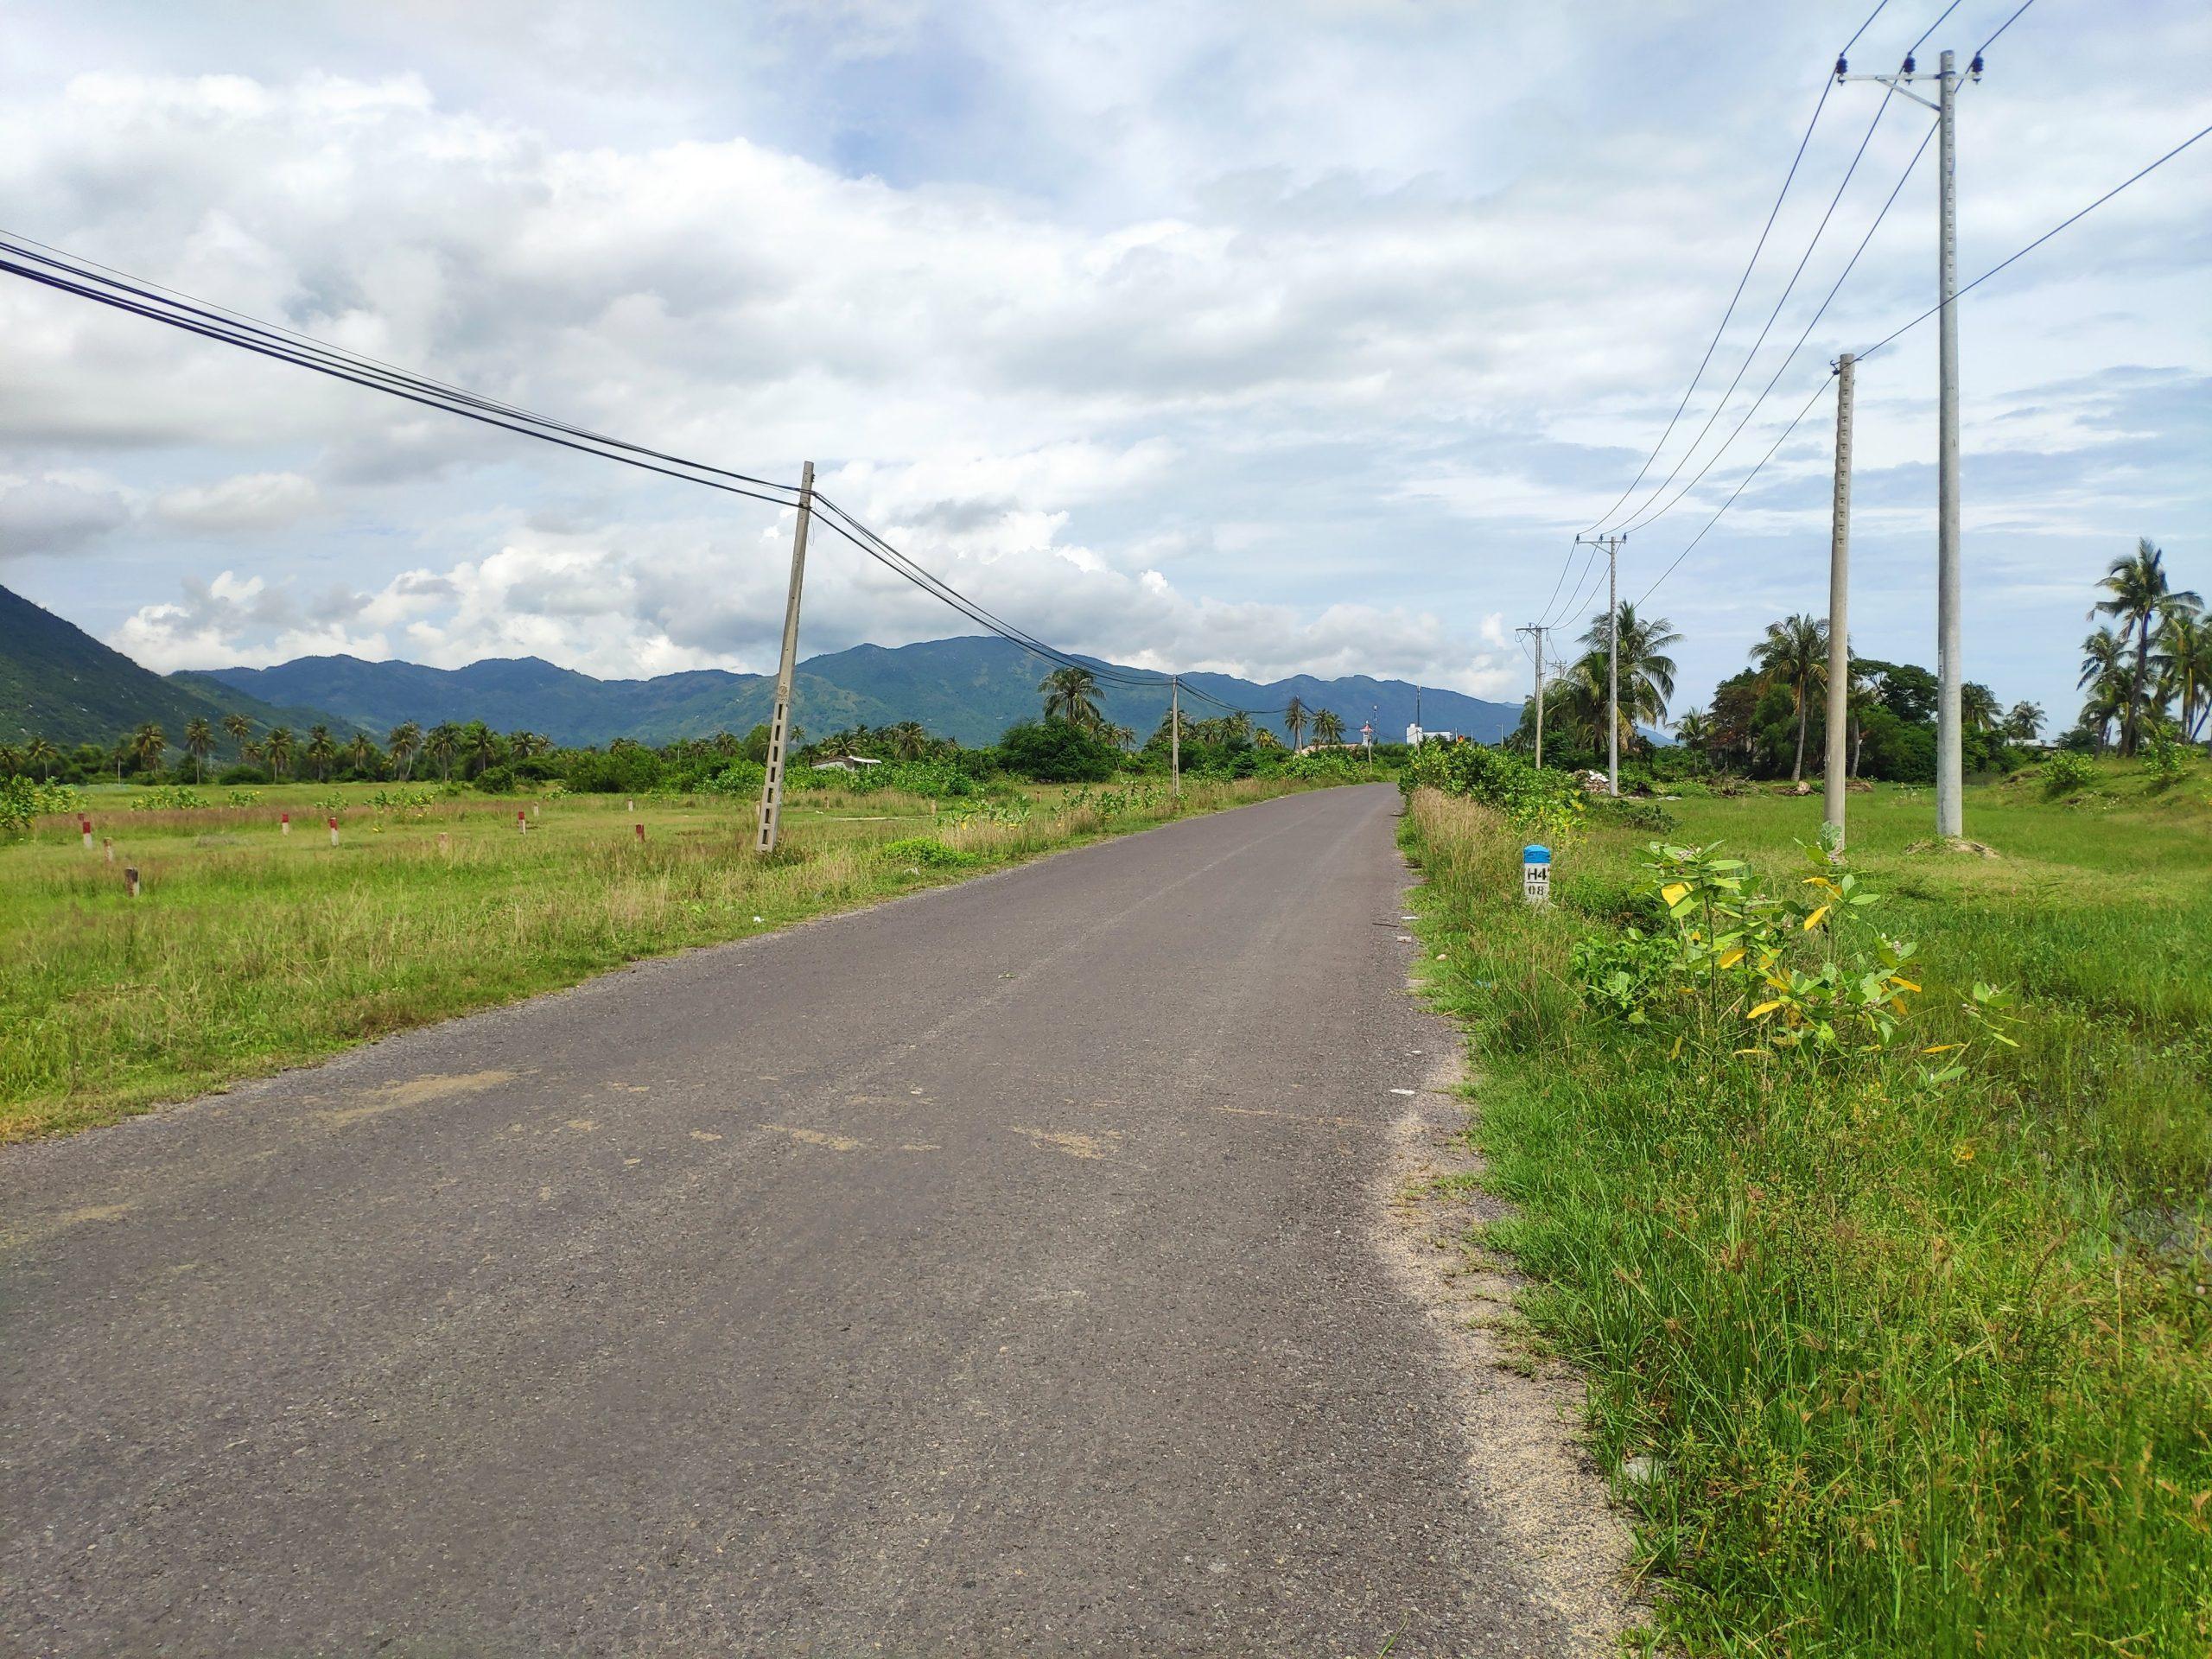 Mặt đường Nguyễn Huệ Vạn Ninh 4